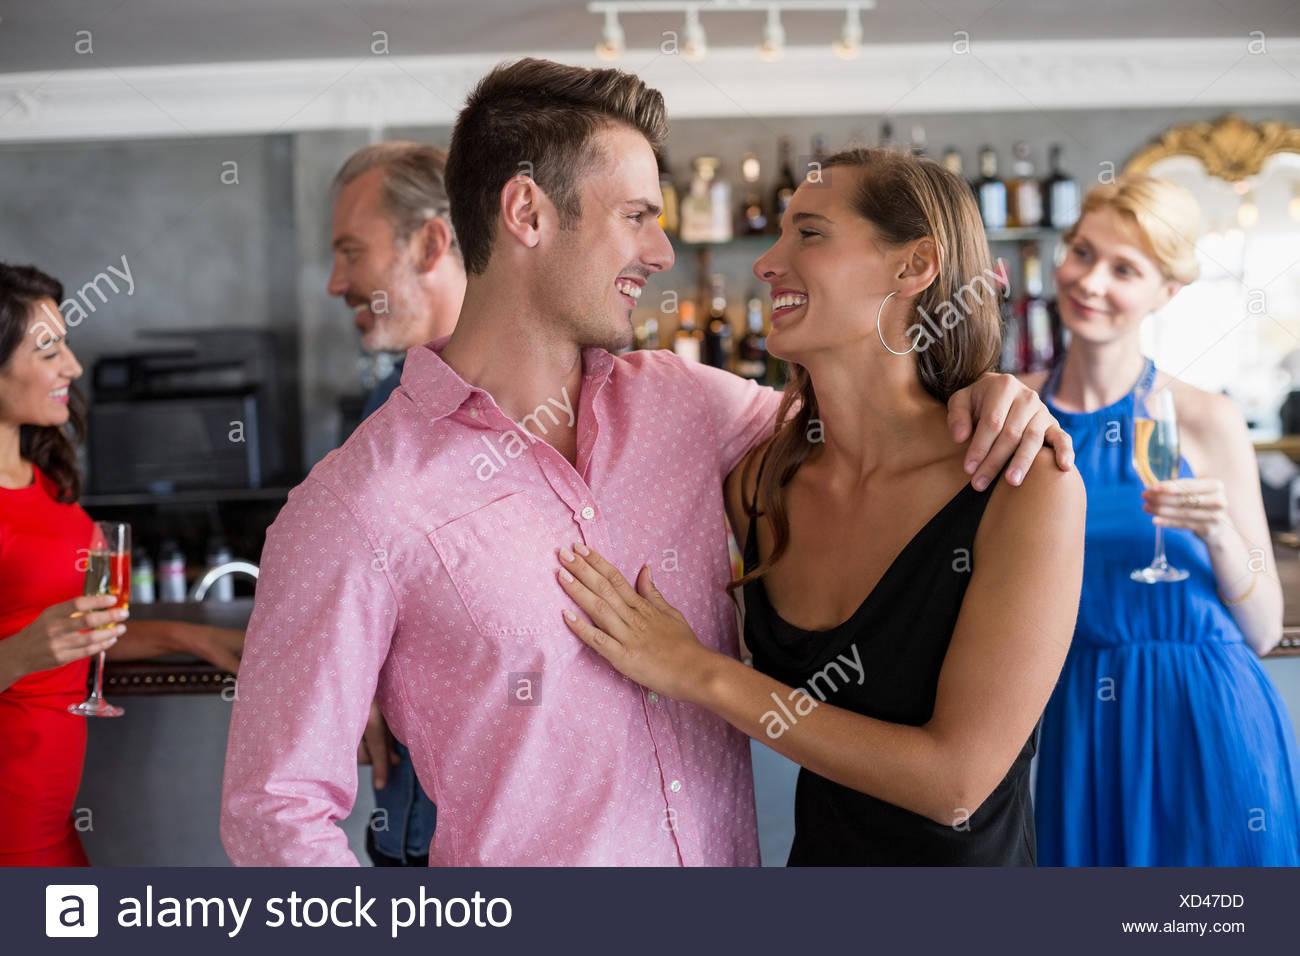 Giovane che abbraccia ogni altra in ristorante Immagini Stock